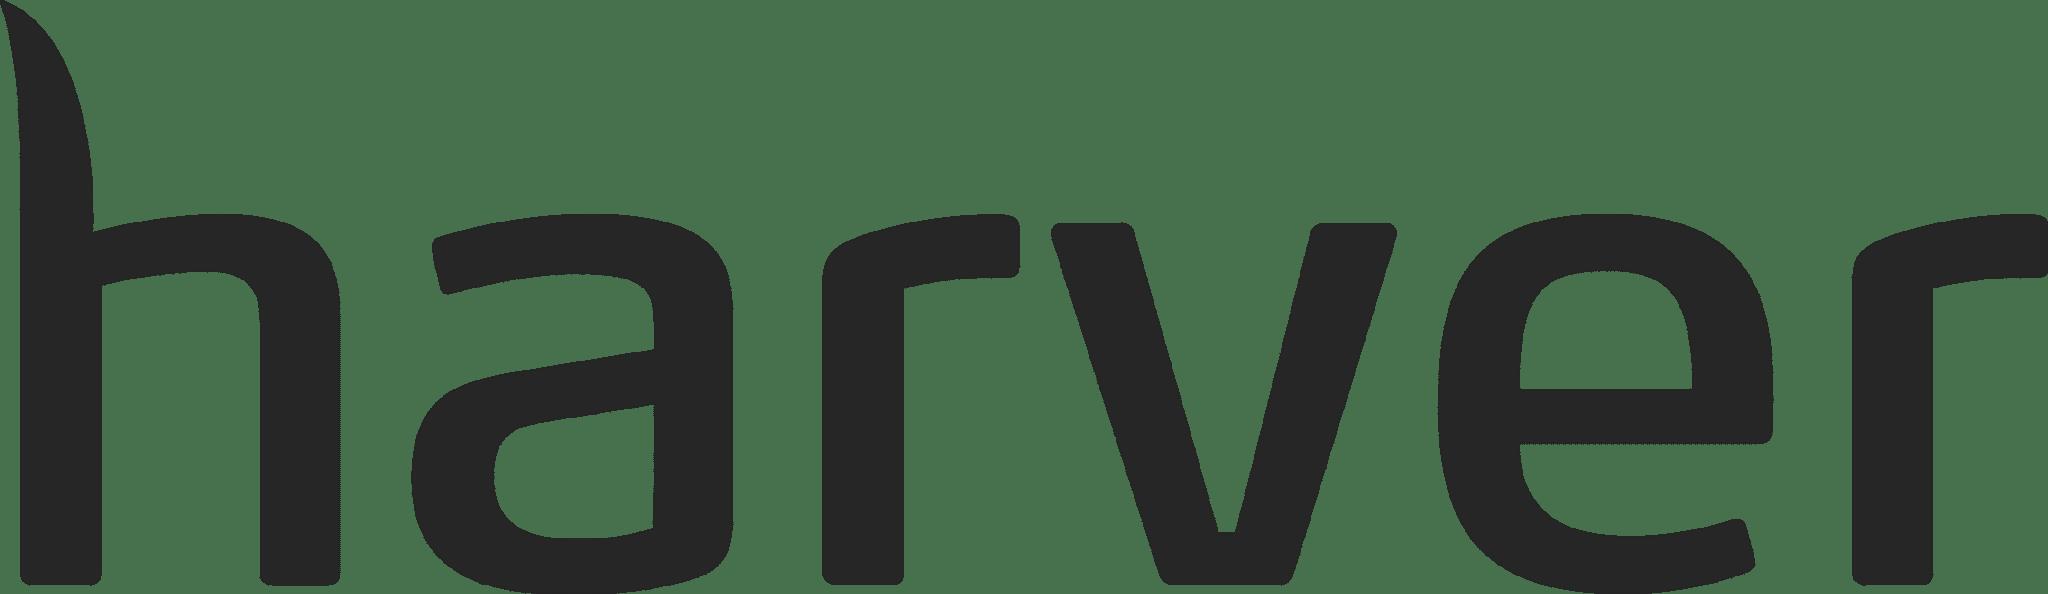 Harver logo